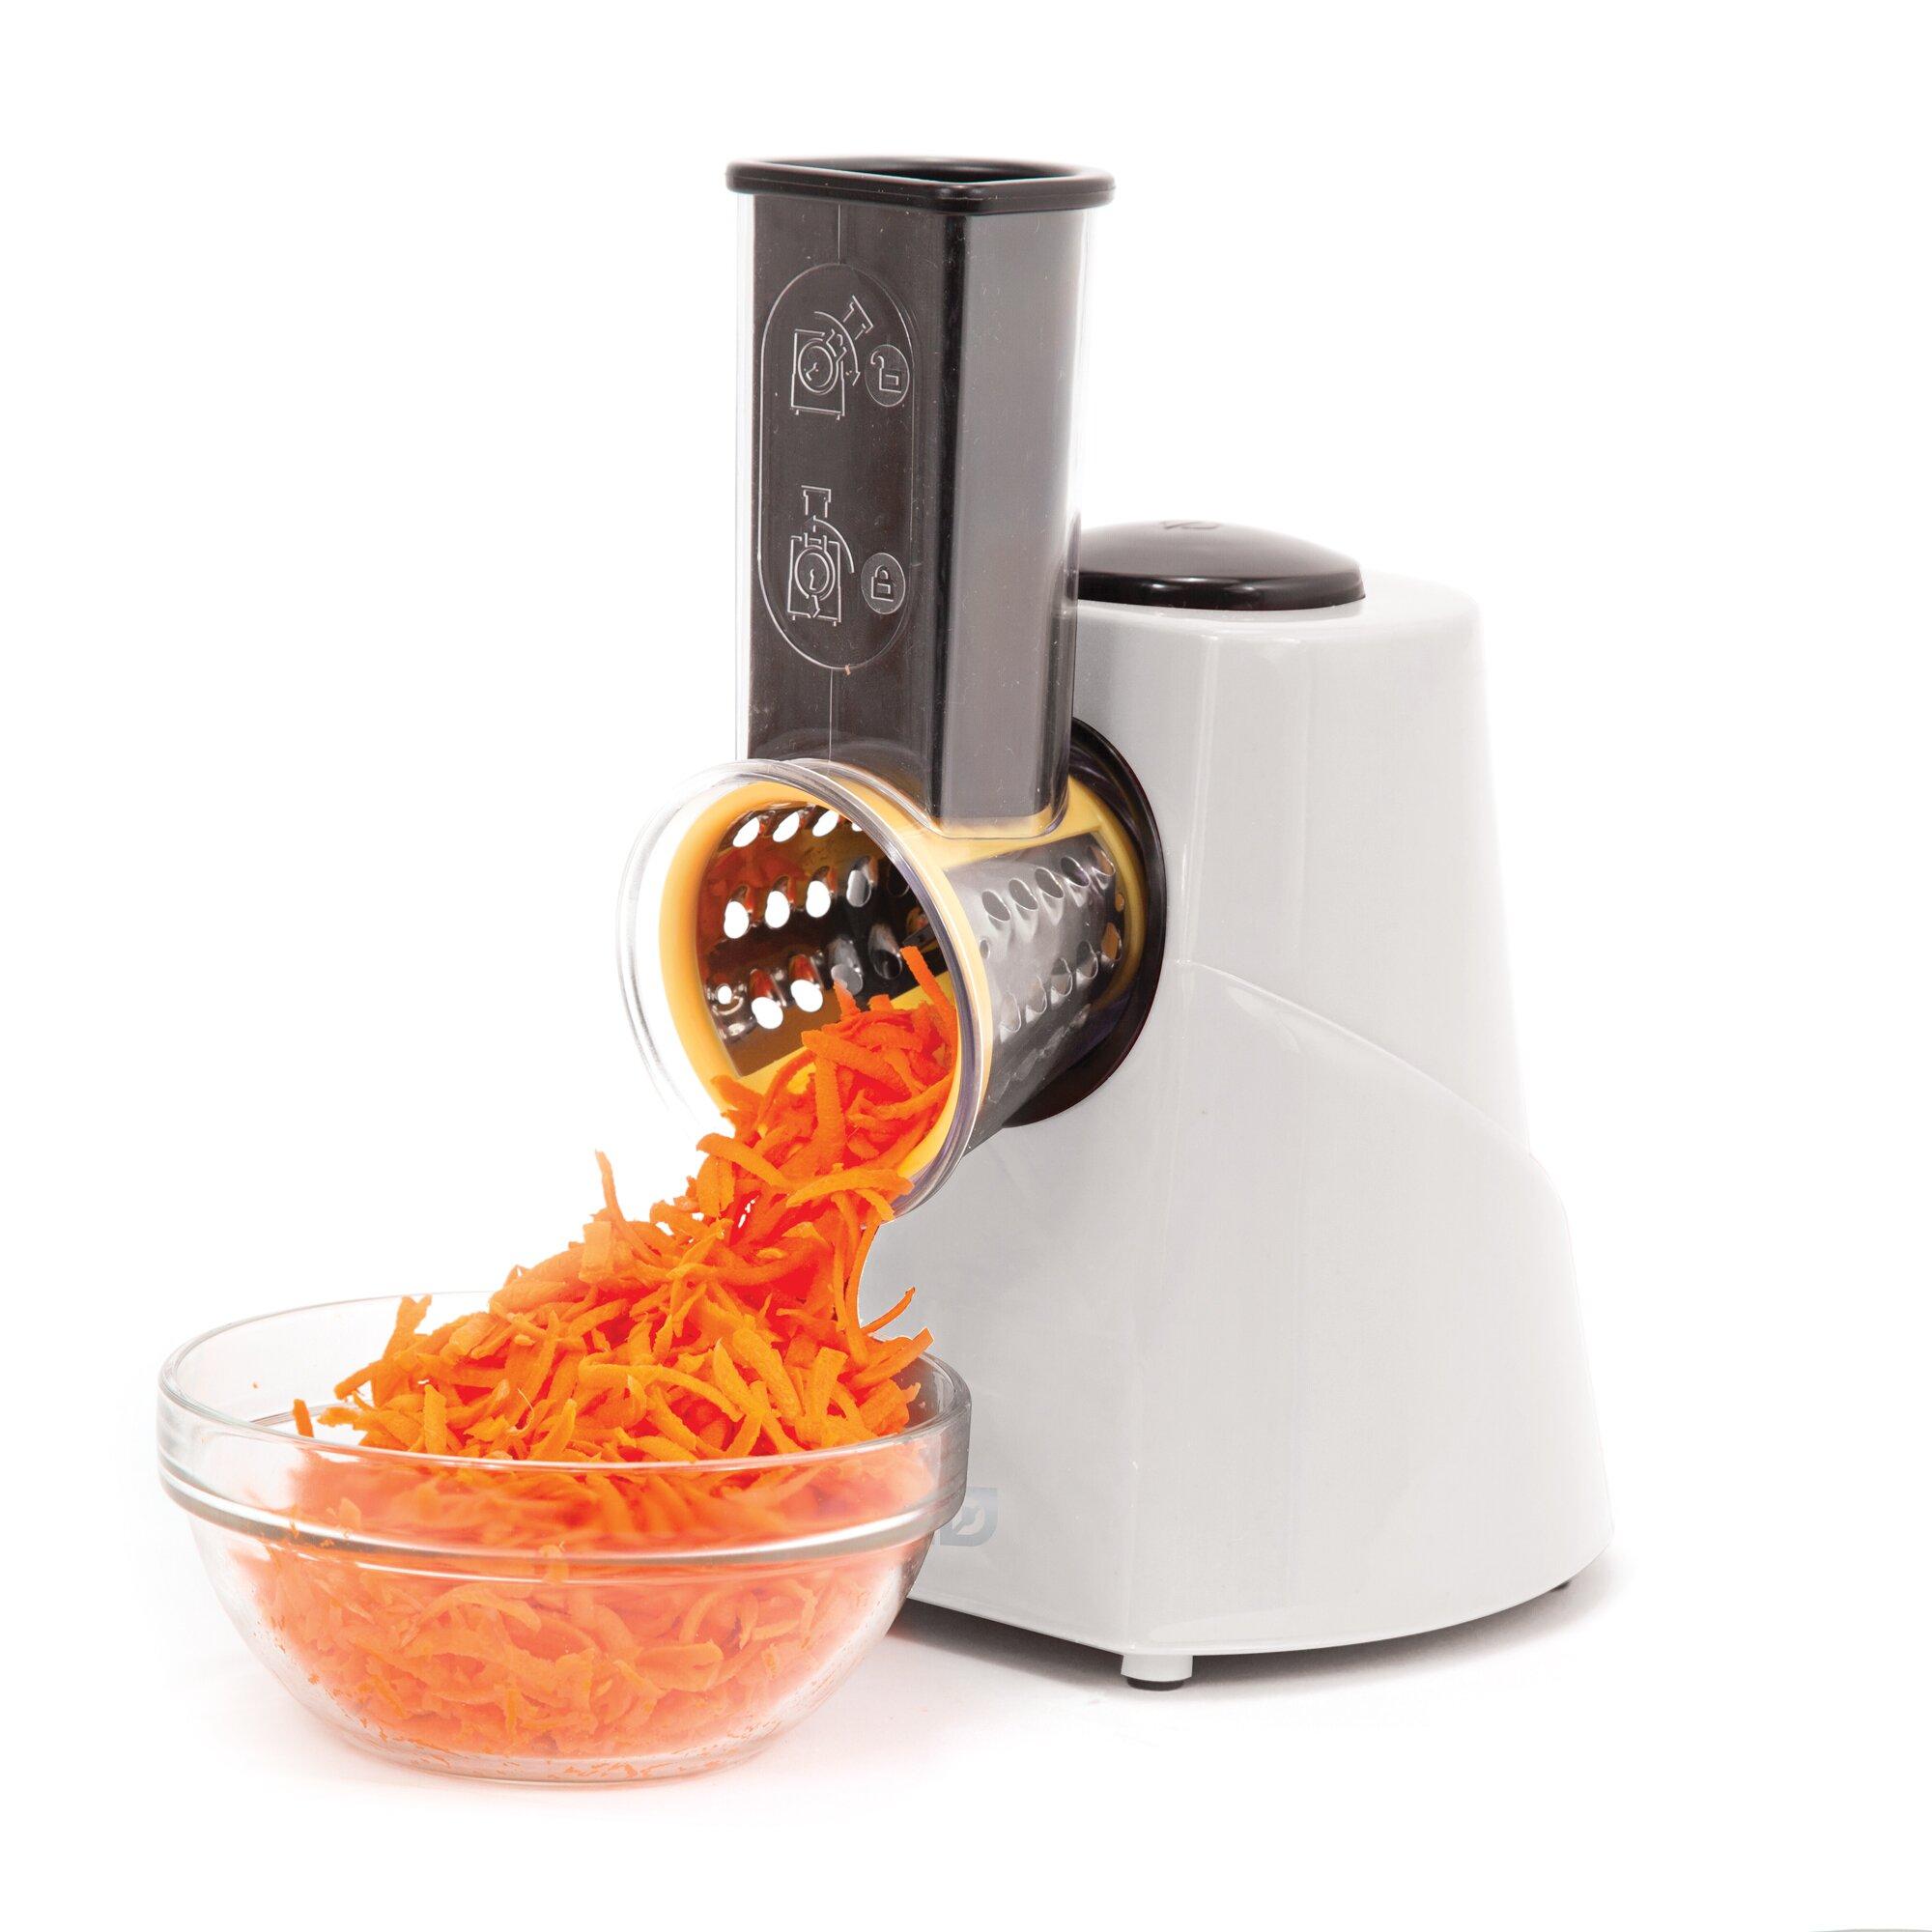 Dash Dash Electric Food Shredder Salad Chef Wayfair